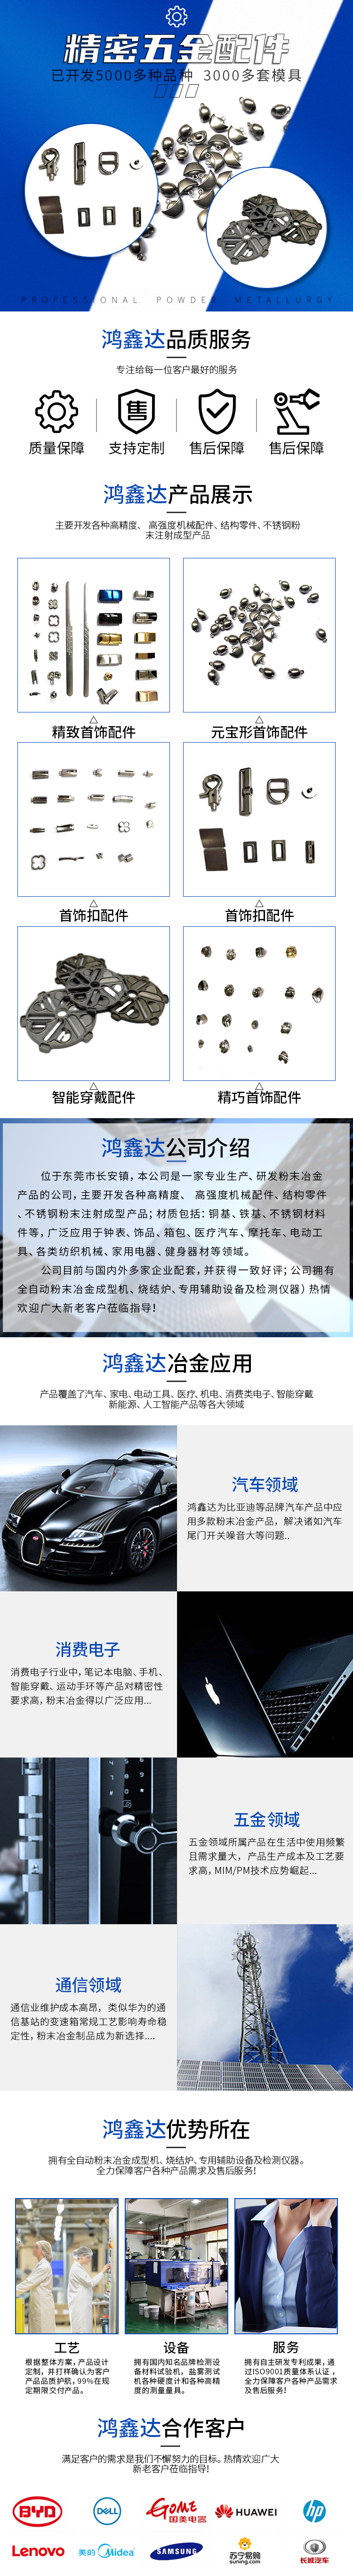 微信图片_20201127173902.jpg